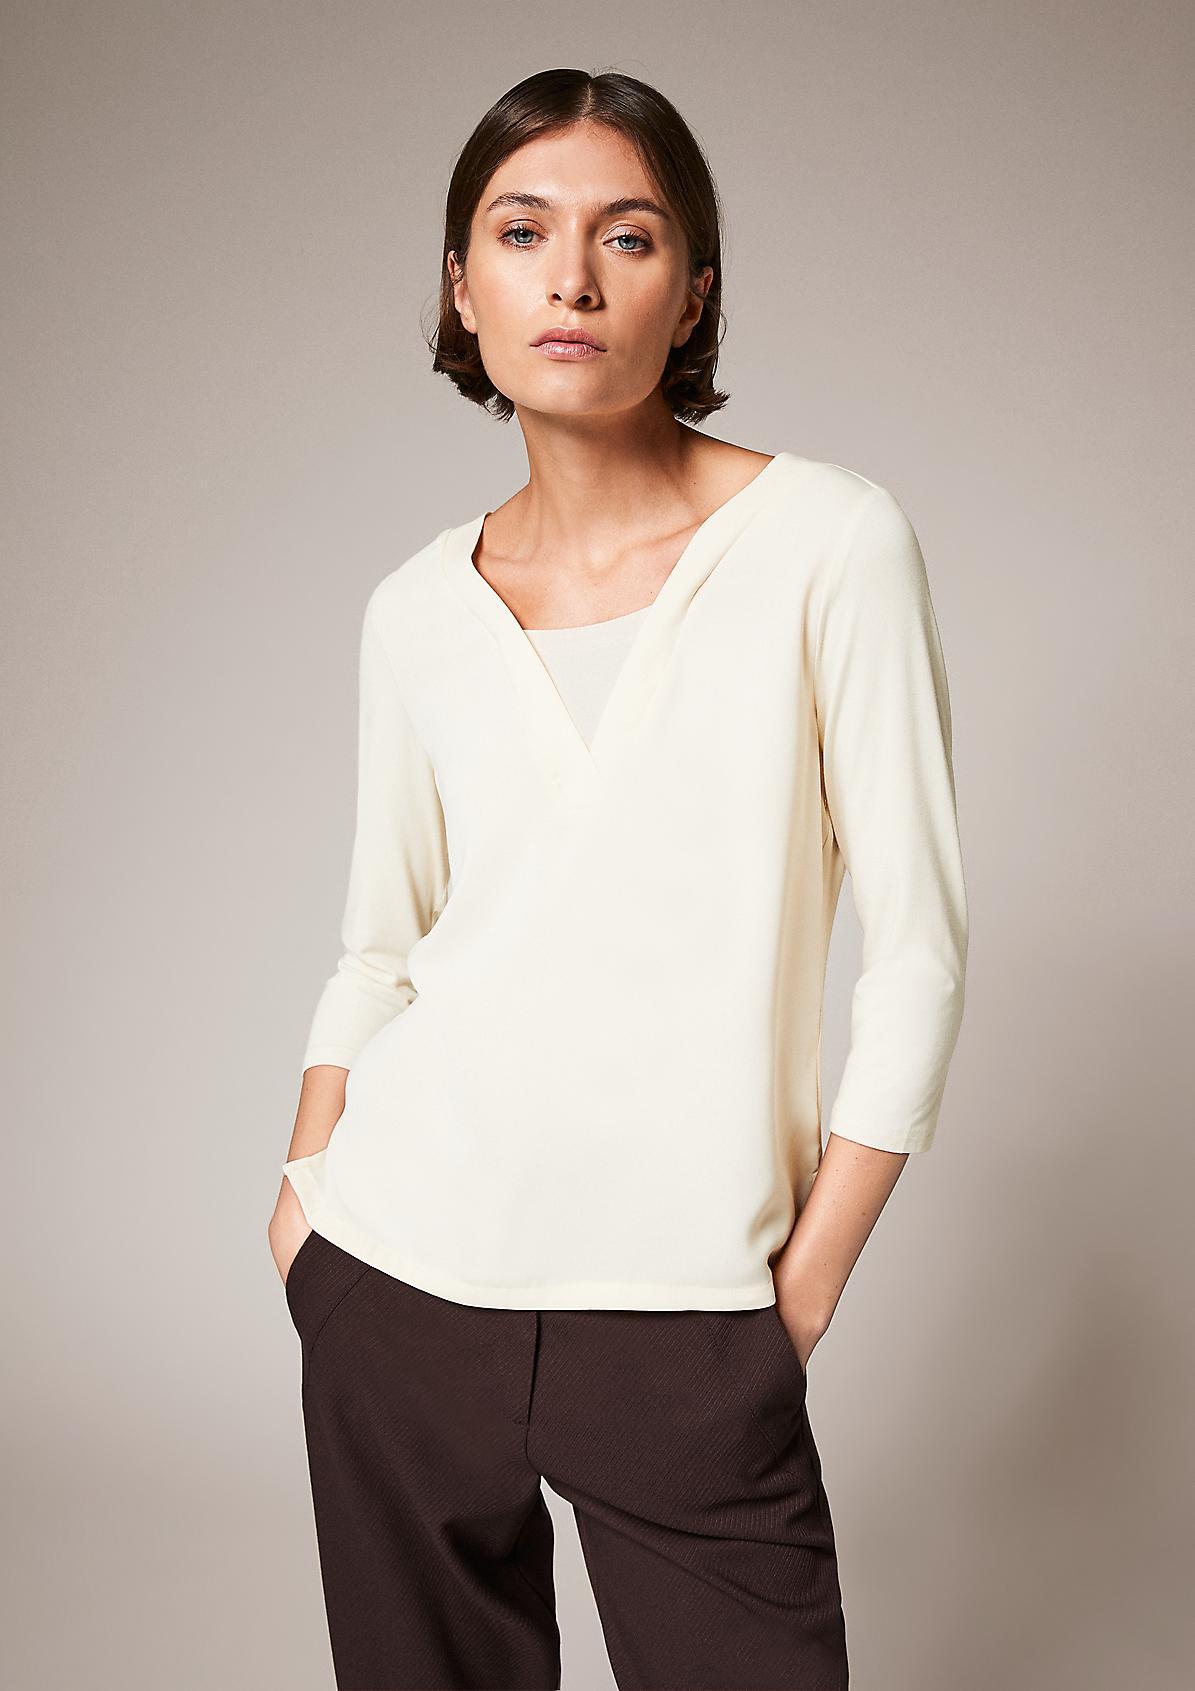 Fabricmix-Shirt mit V-Neck